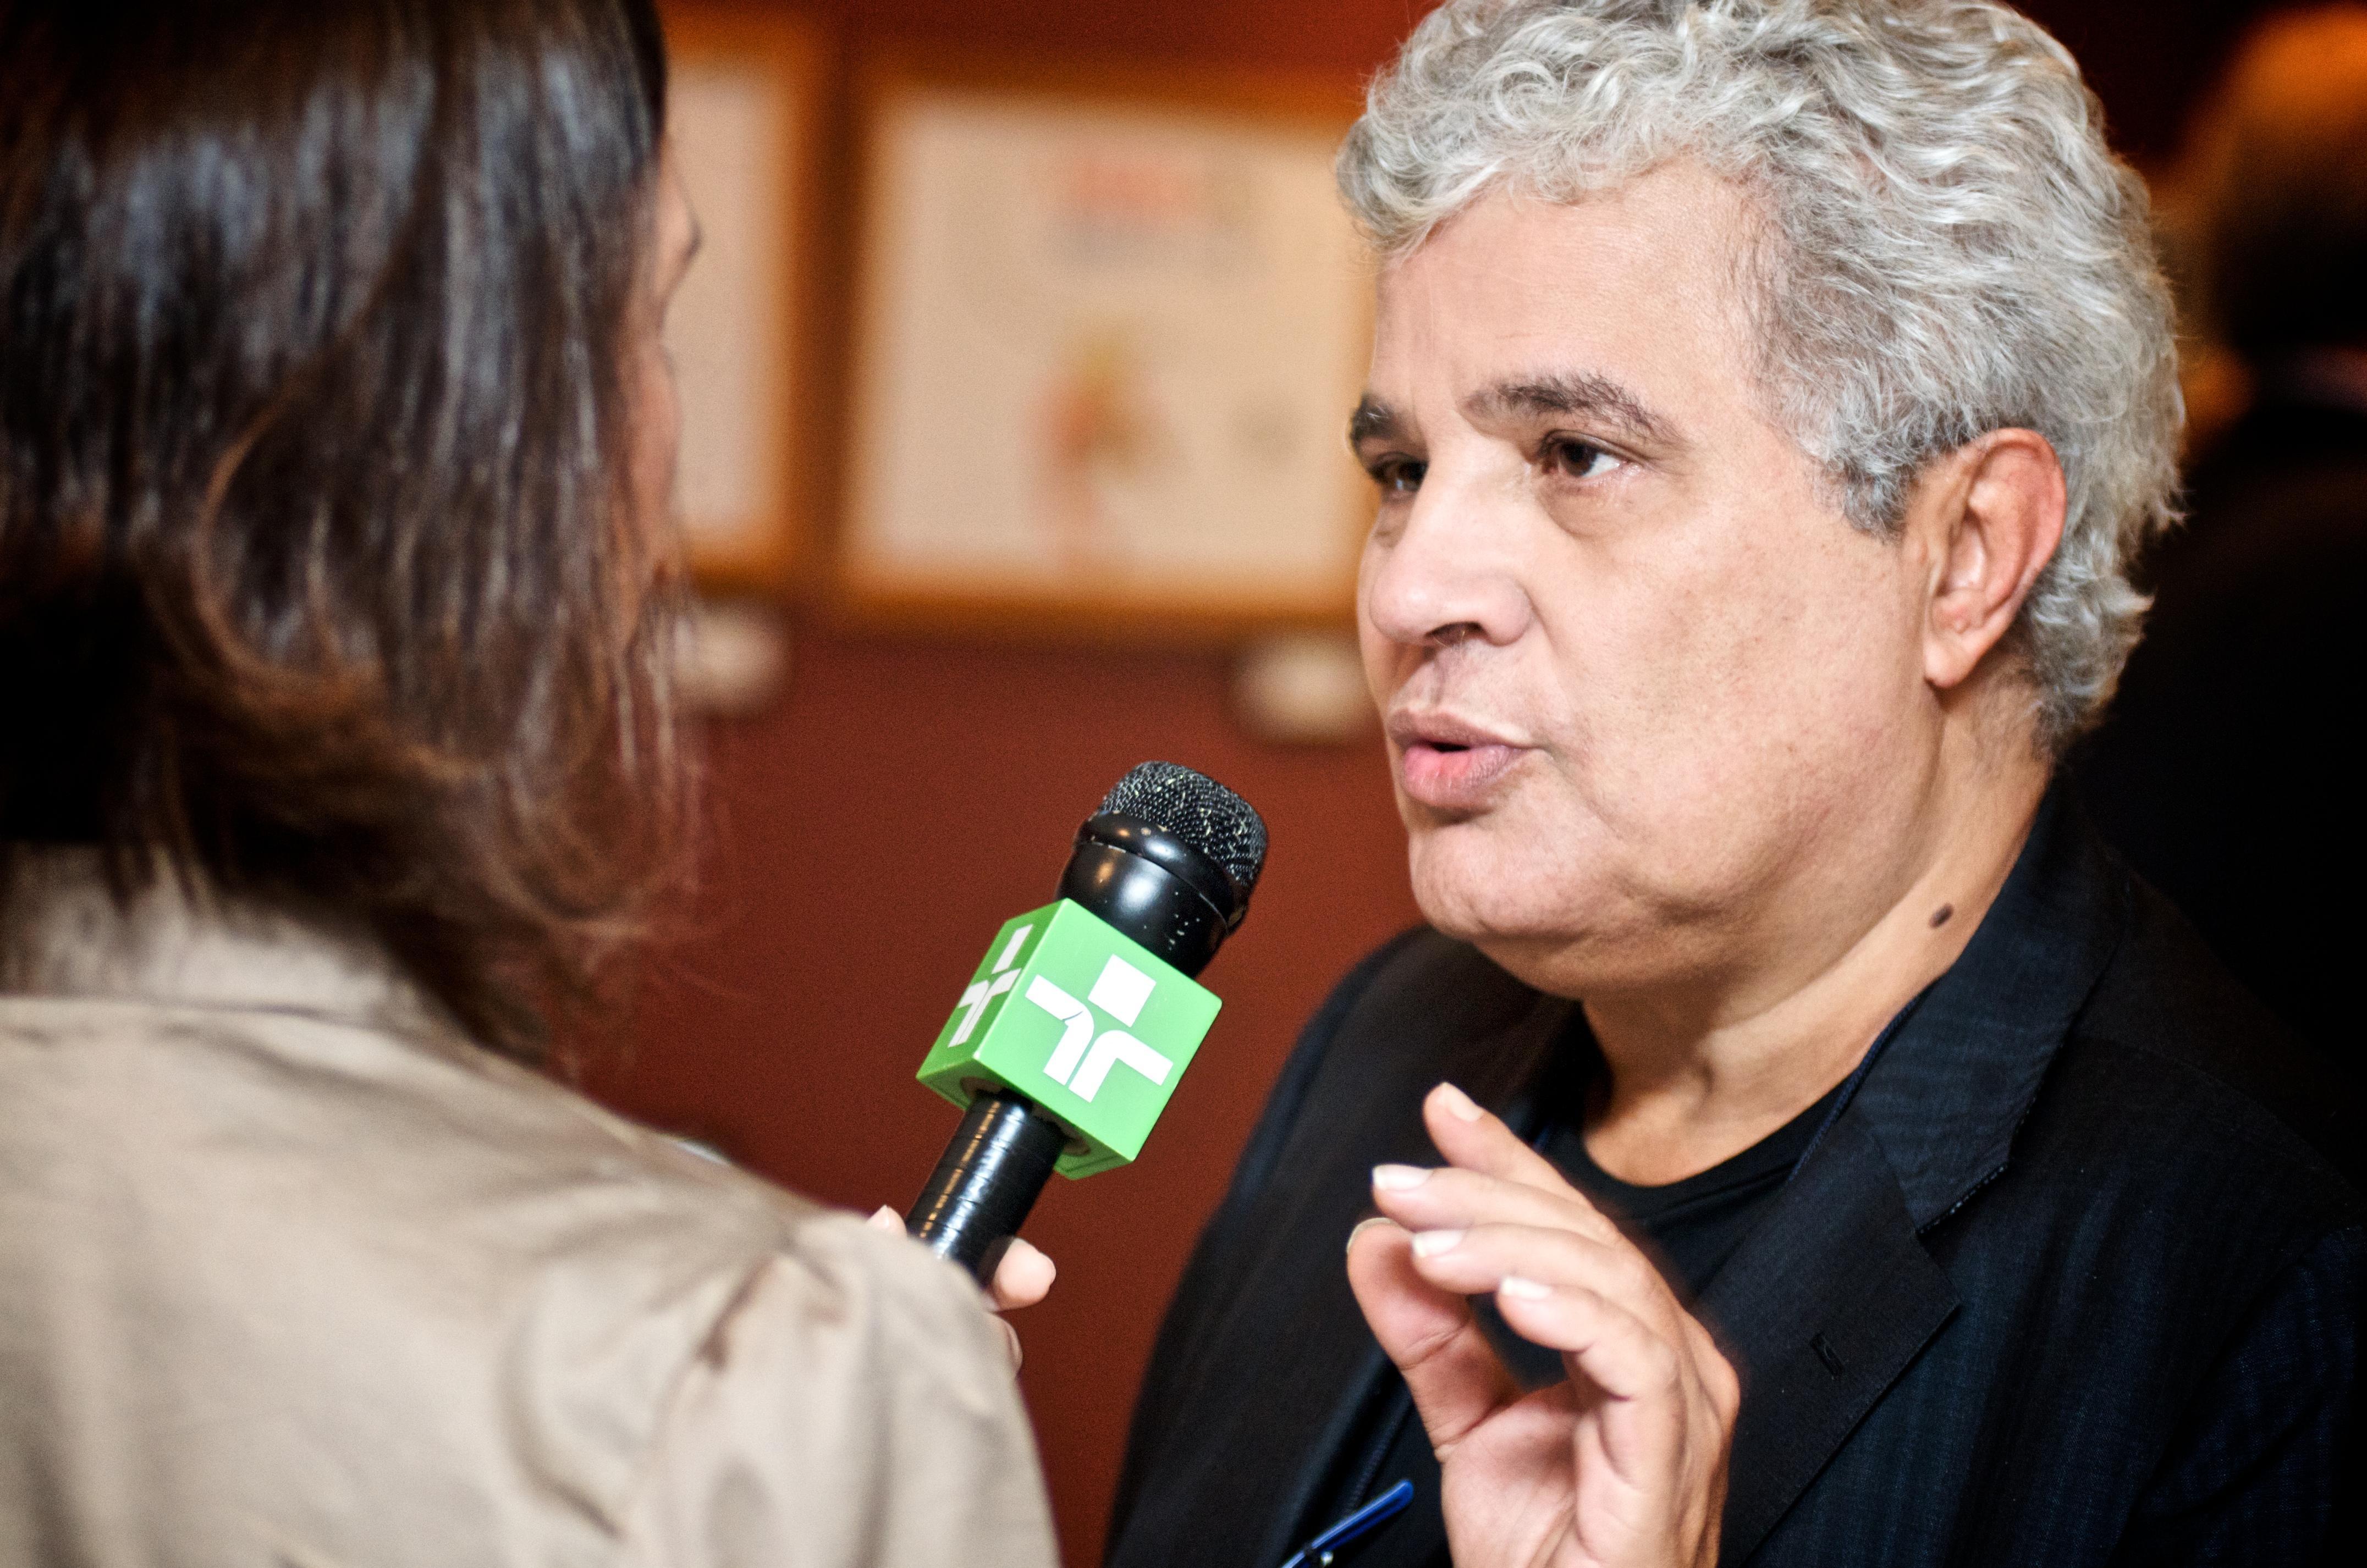 Veja o que saiu no Migalhas sobre Ricardo Noblat